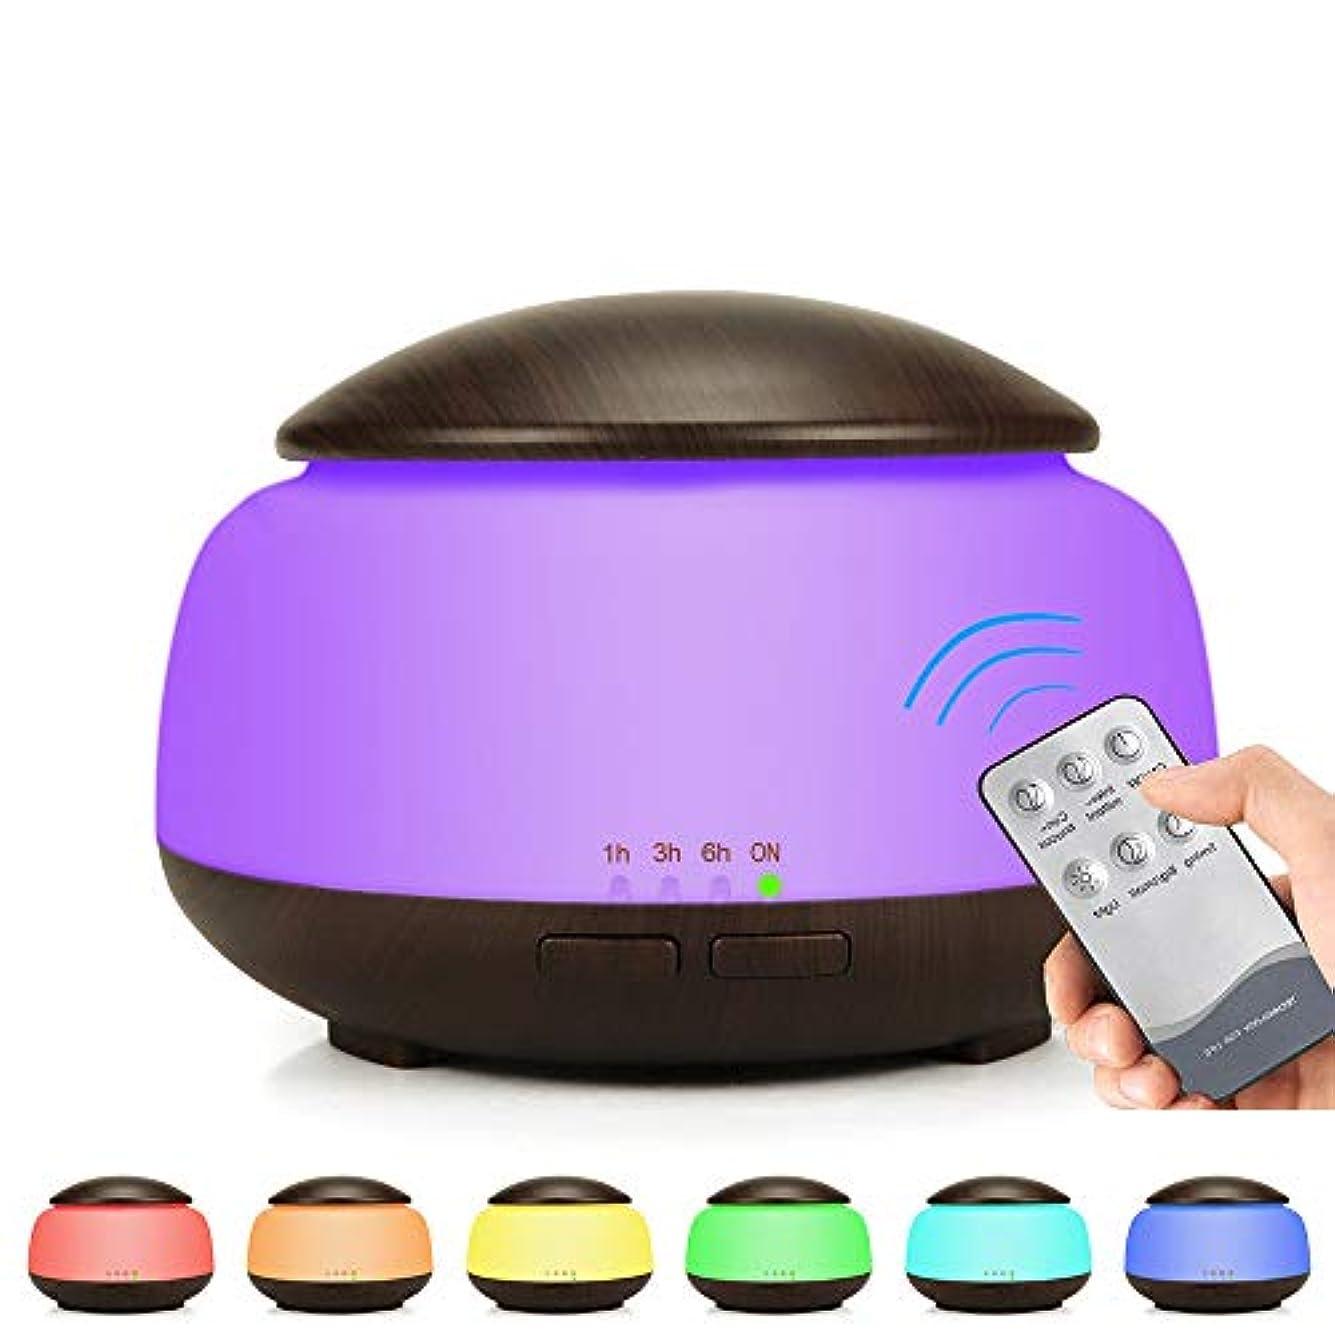 前奏曲通信網開いたエッセンシャルオイルディフューザーアロマディフューザー300 mlアロマ加湿器、7色LEDライト、ホームオフィス用ウォーターレス自動シャットオフ,UKplug